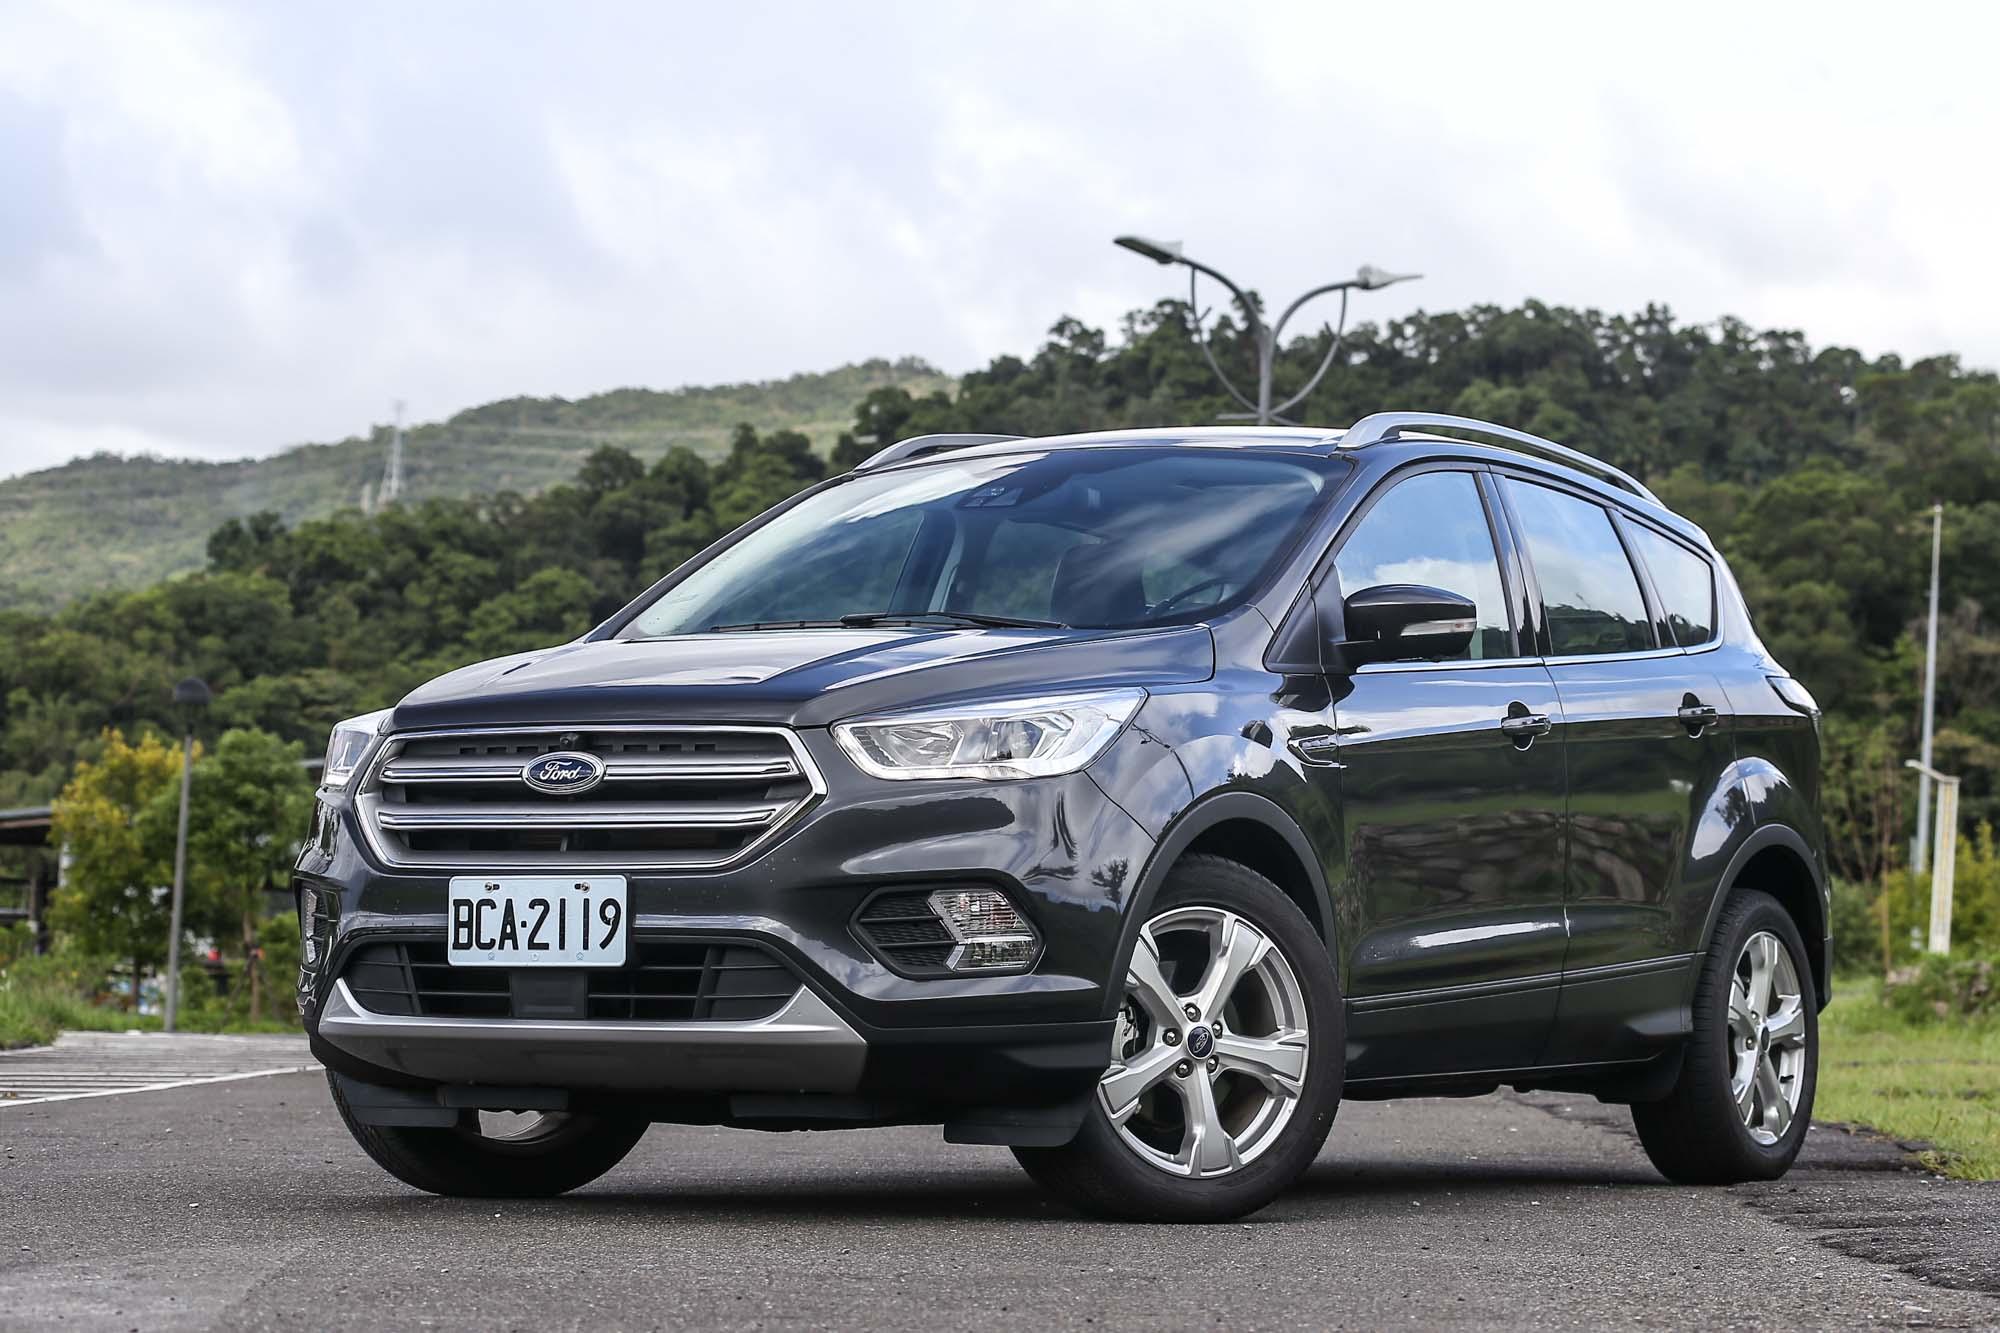 試駕車型為售價 99.9 萬元的 Kuga EcoBoost182 CP360型。